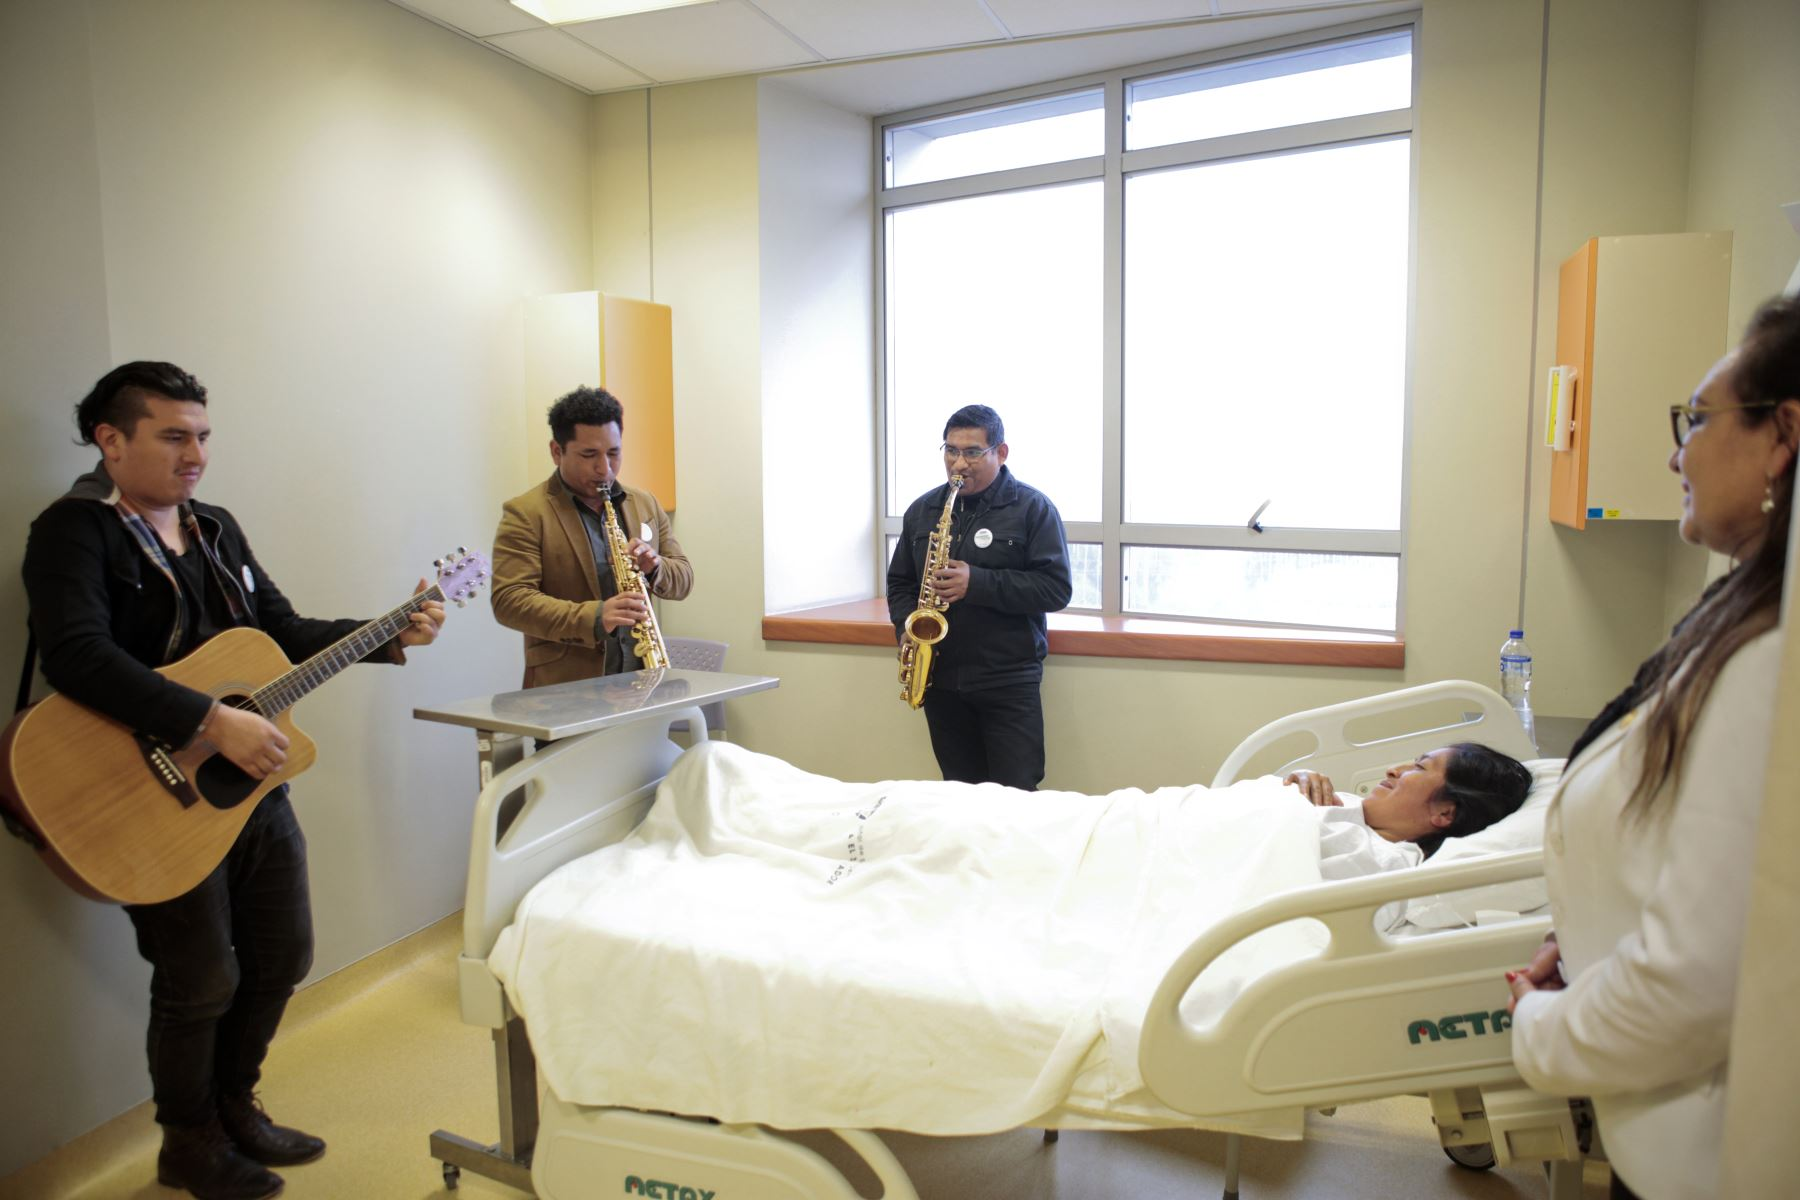 La ministra de Salud Zulema Tomás, recorre el hospital de emergencias de alta complejidad en Villa El Salvador para conocer experiencias de buen trato con motivo del Dia Nacional de la Salud y el Buen Trato al Paciente. Foto: ANDINA/Miguel Mejía